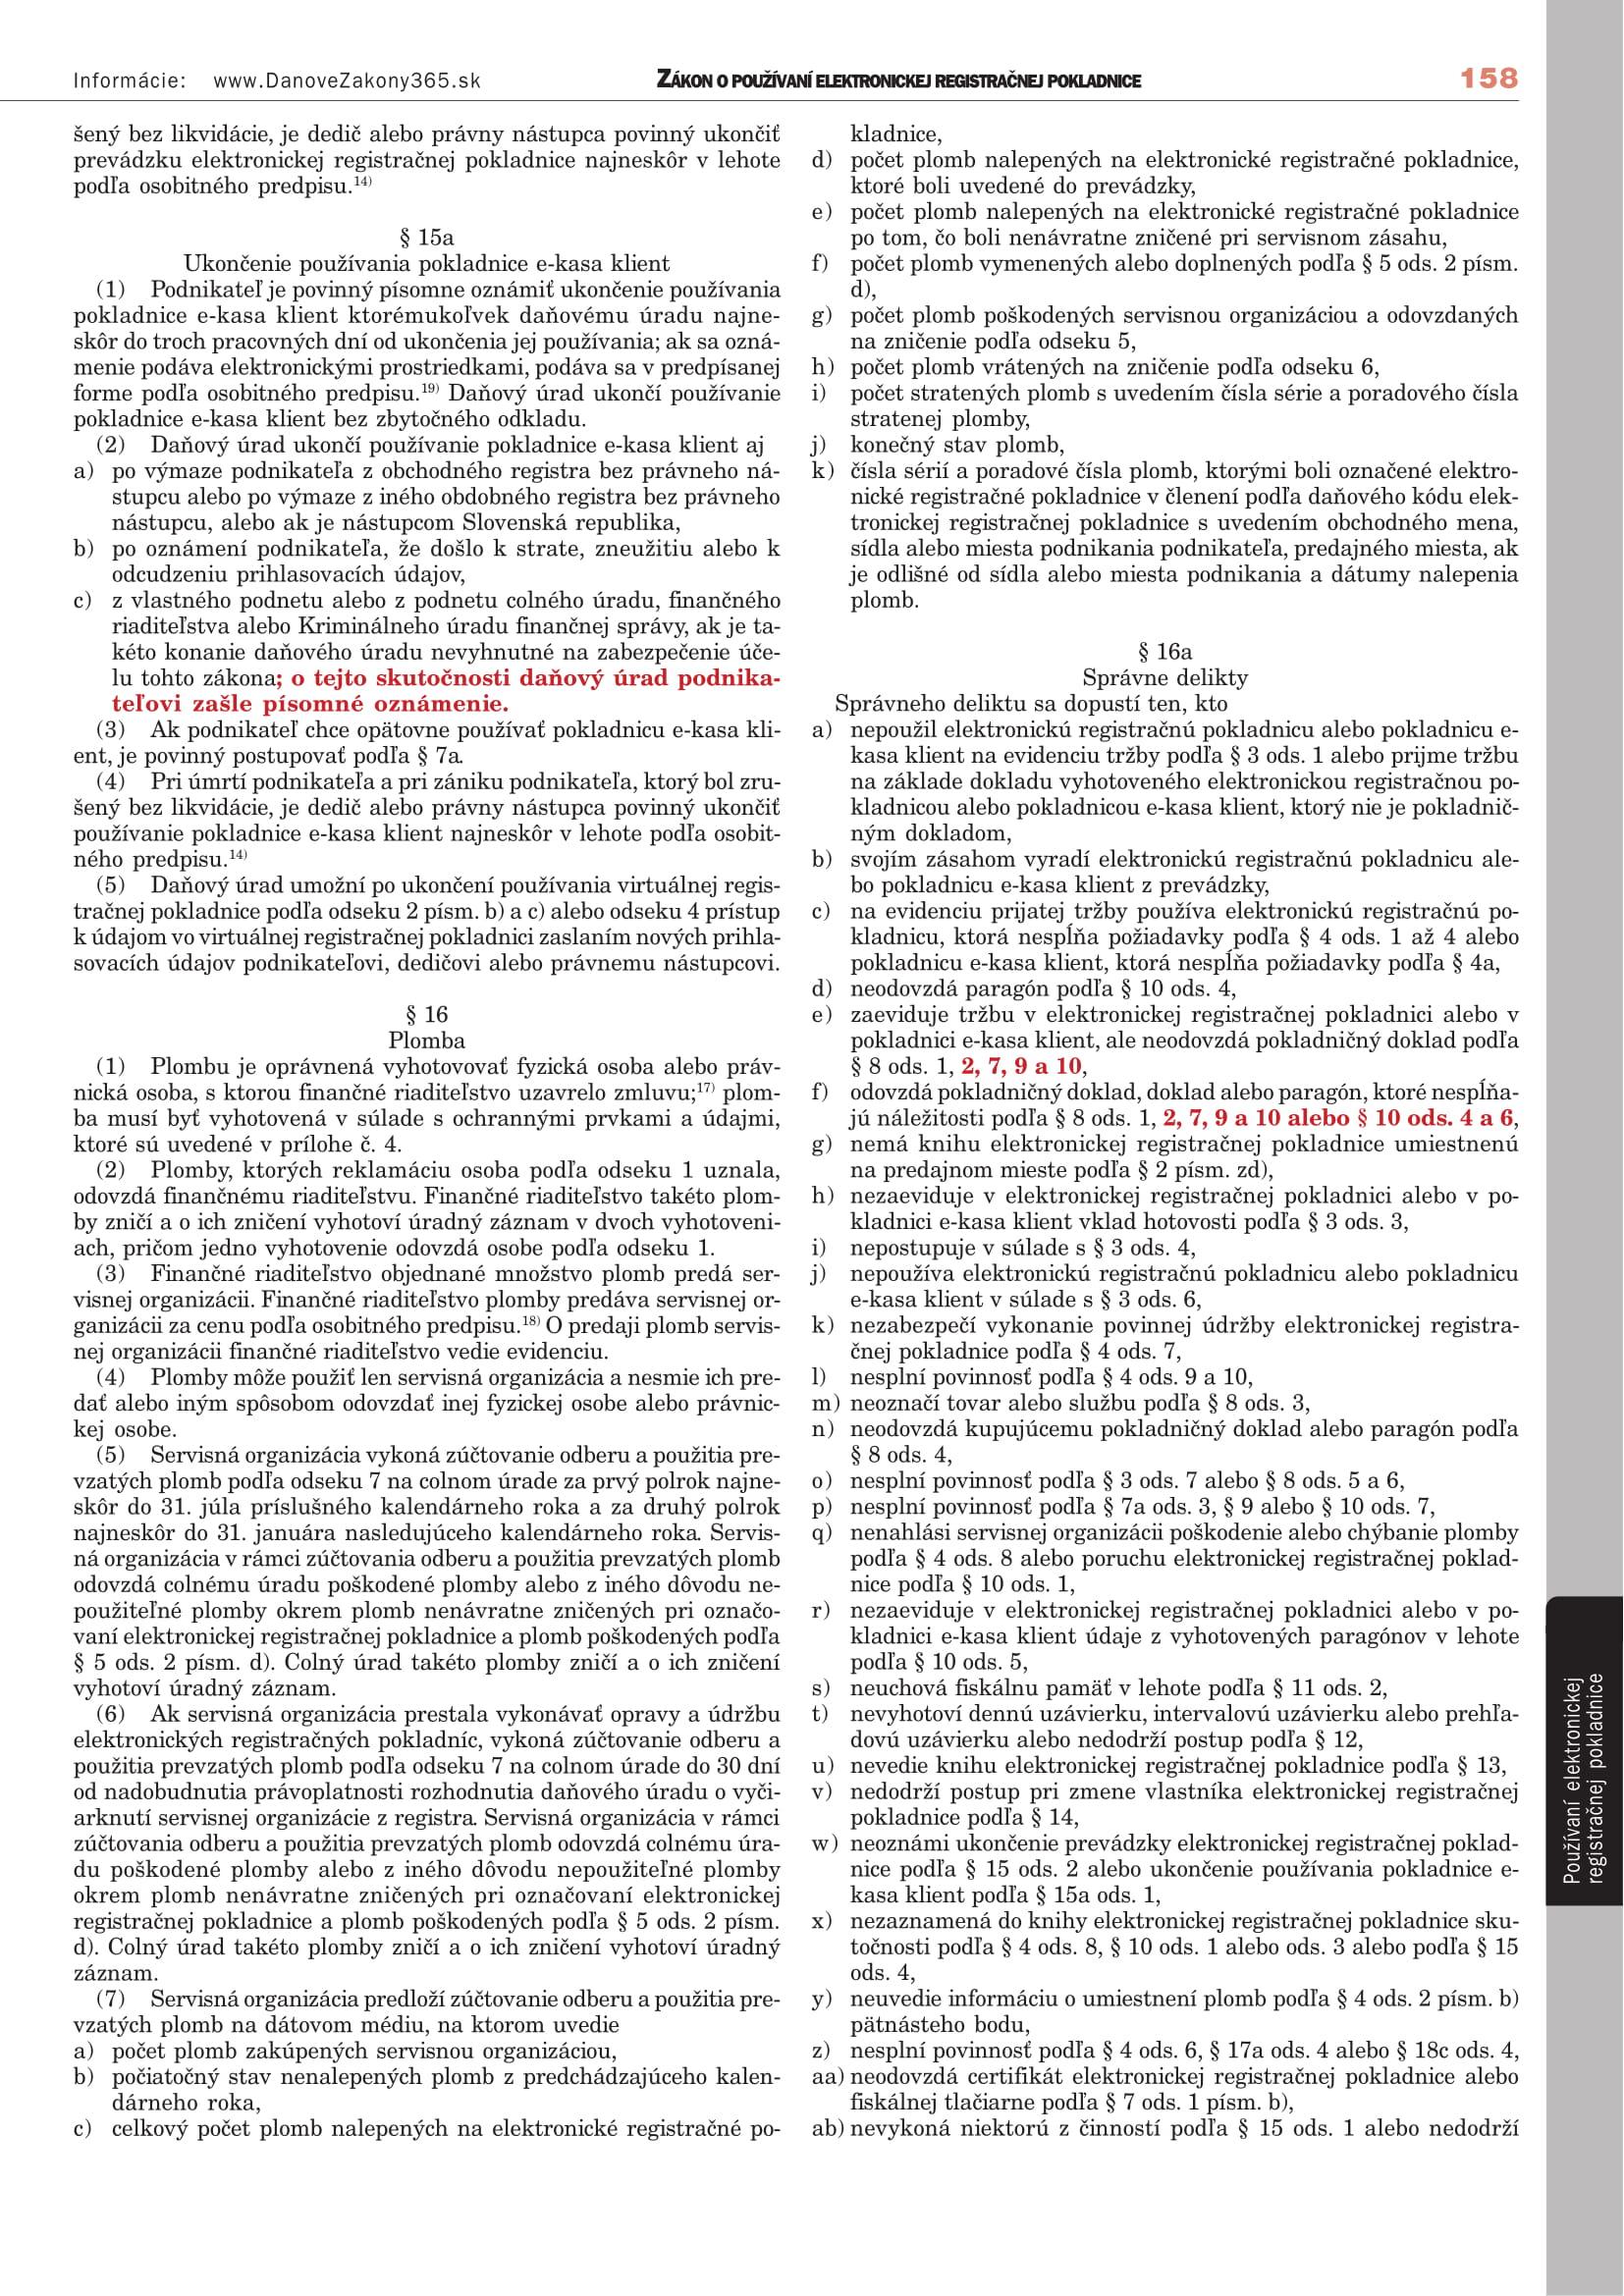 alto_zakon_o_registracnych_pokladniach_2019_po_jednej_stranane-13